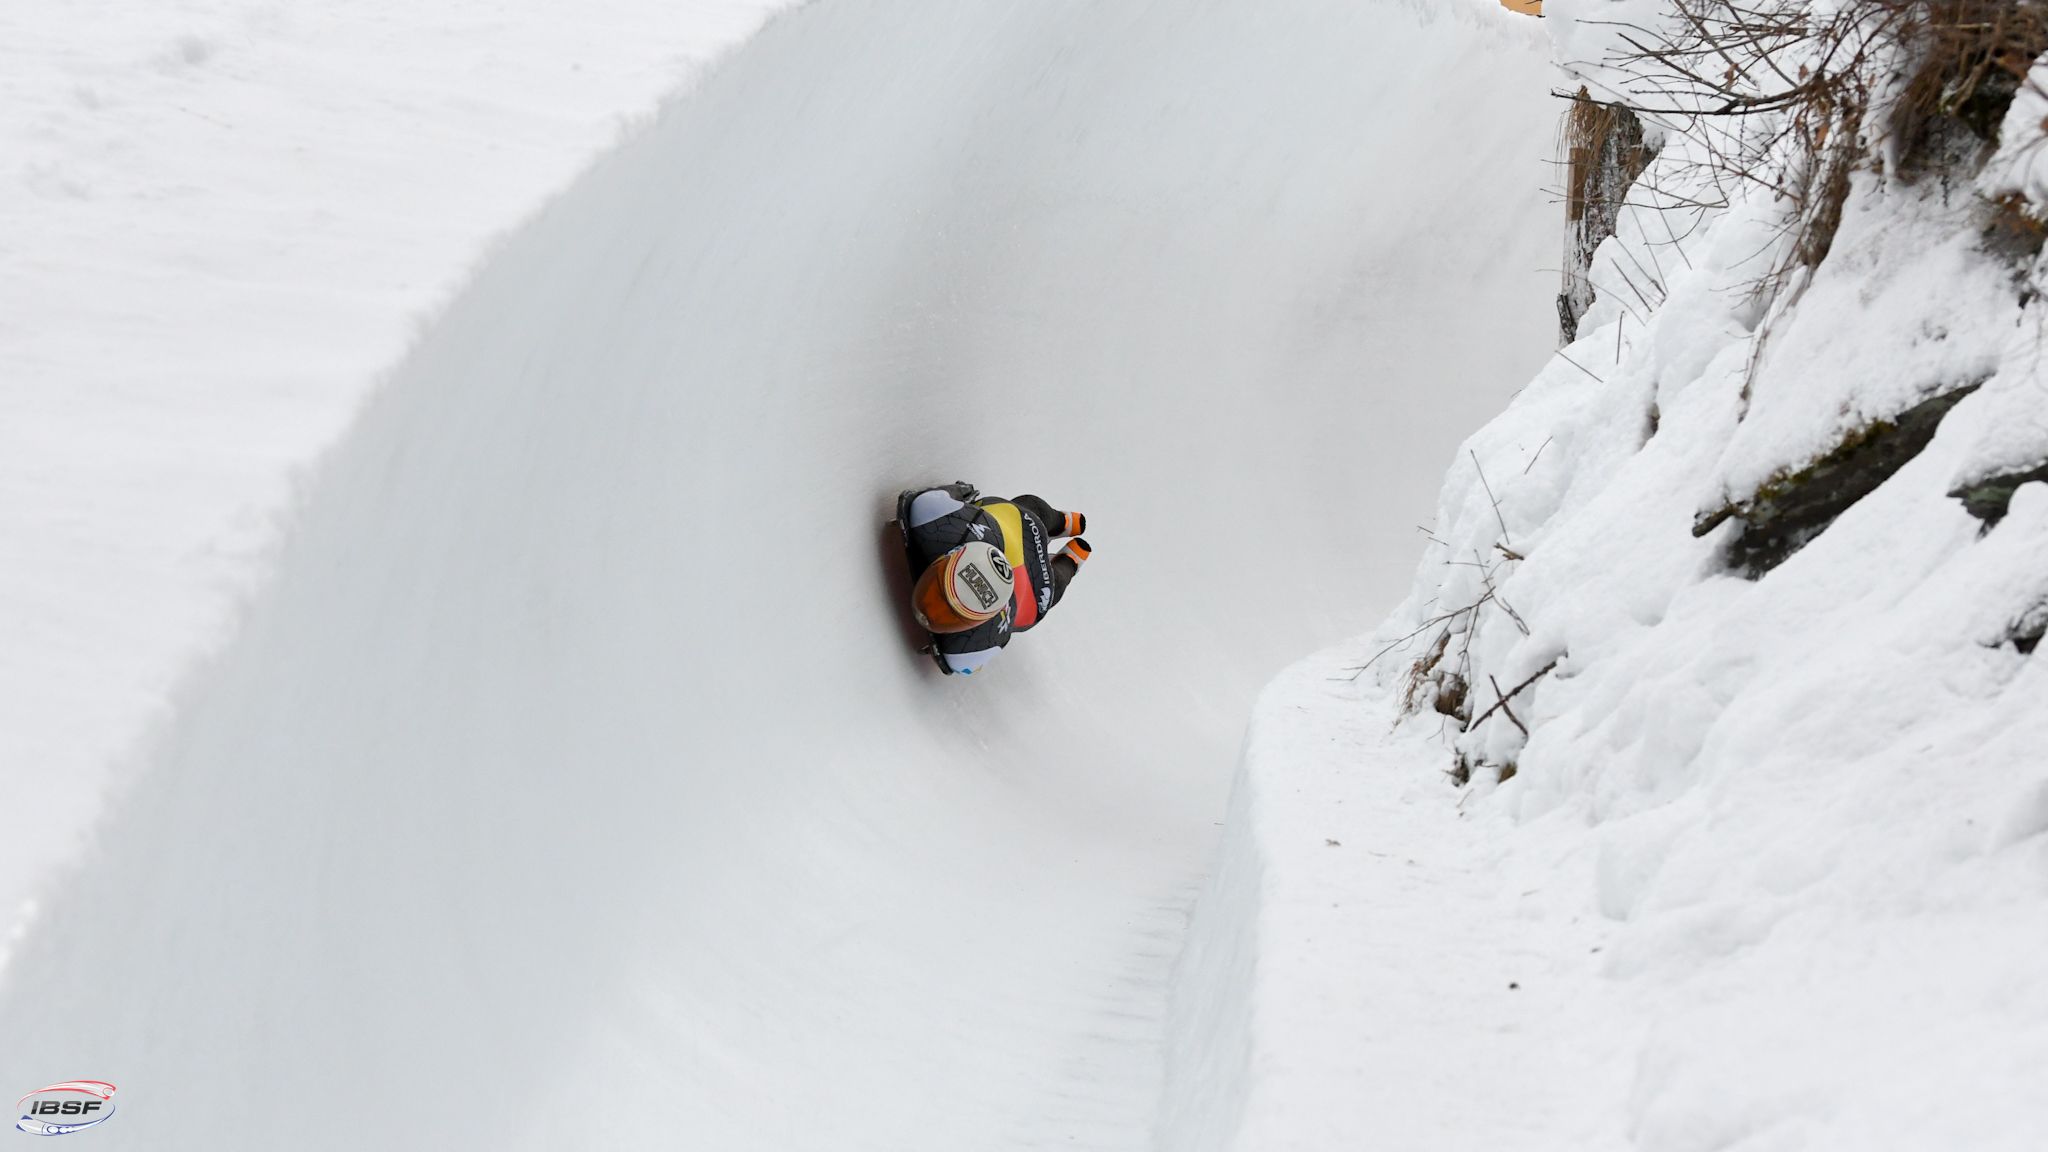 Ander Mirambell, Nuevo reto para Ander Mirambell en Saint Moritz, Real Federación Española Deportes de Hielo